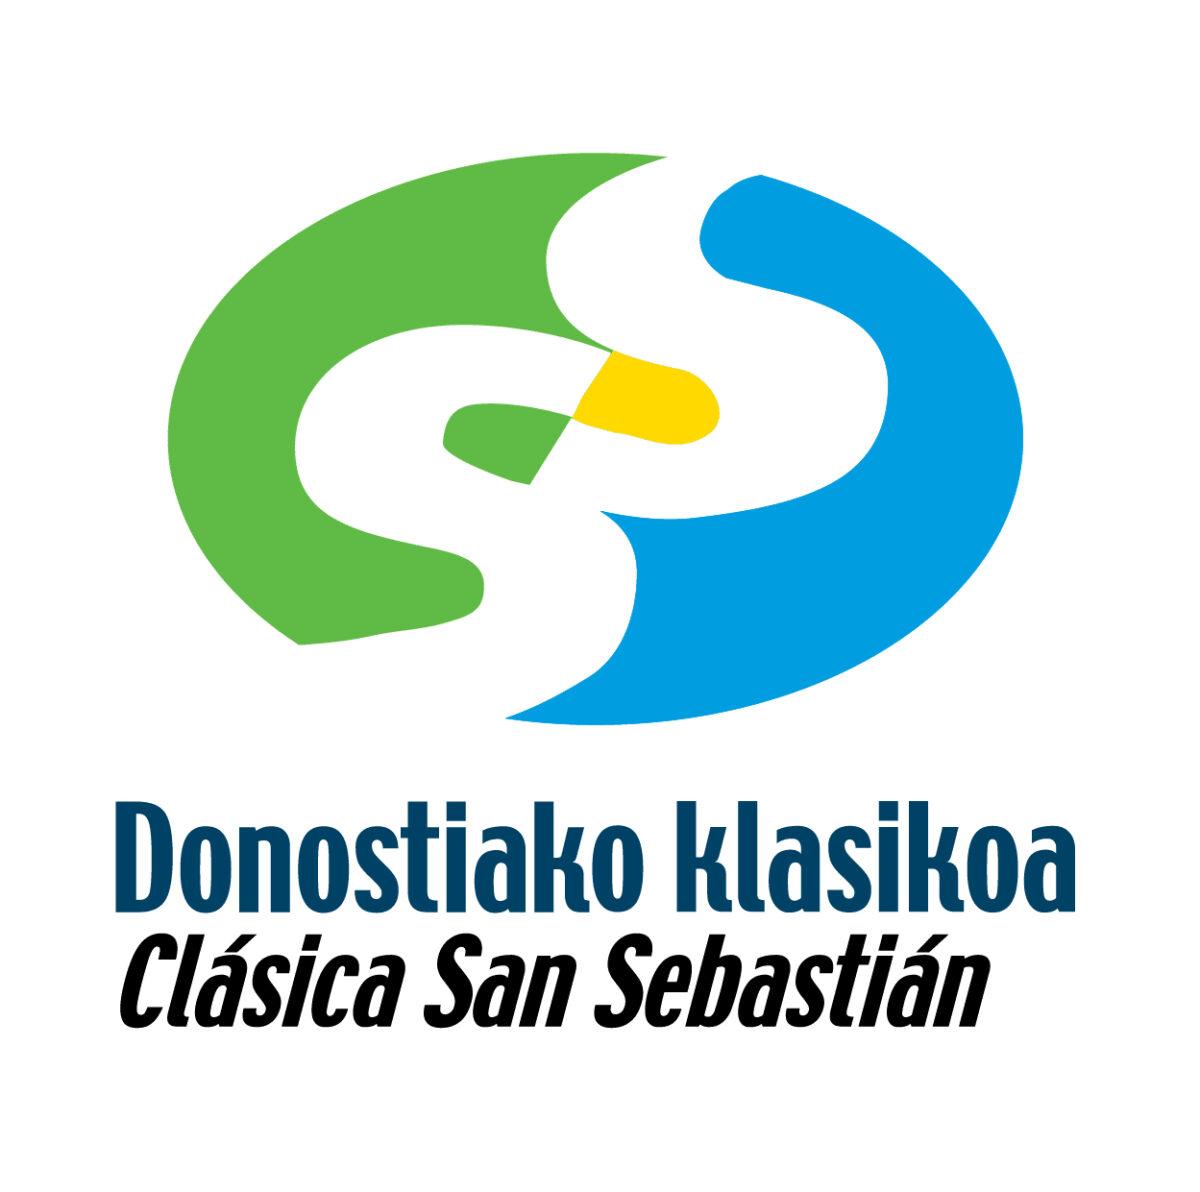 ドノスティア・サンセバスティアン・クラシコア2021